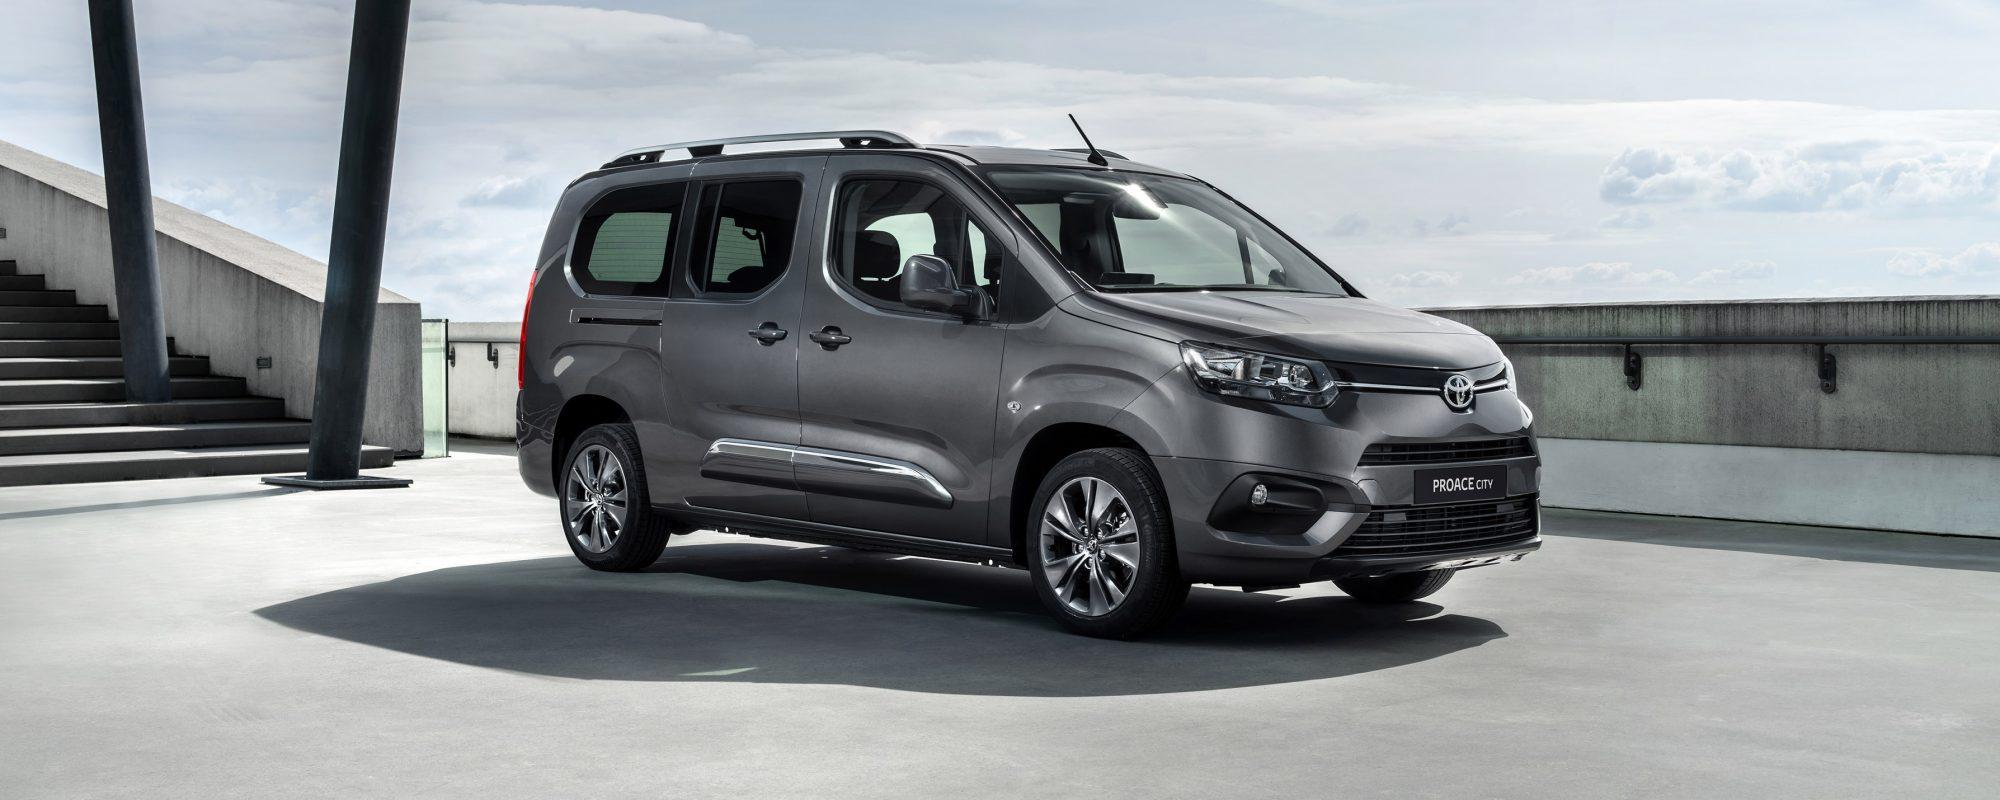 Toyota-maakt-prijzen-PROACE-CITY-VERSO-bekend-2000x800